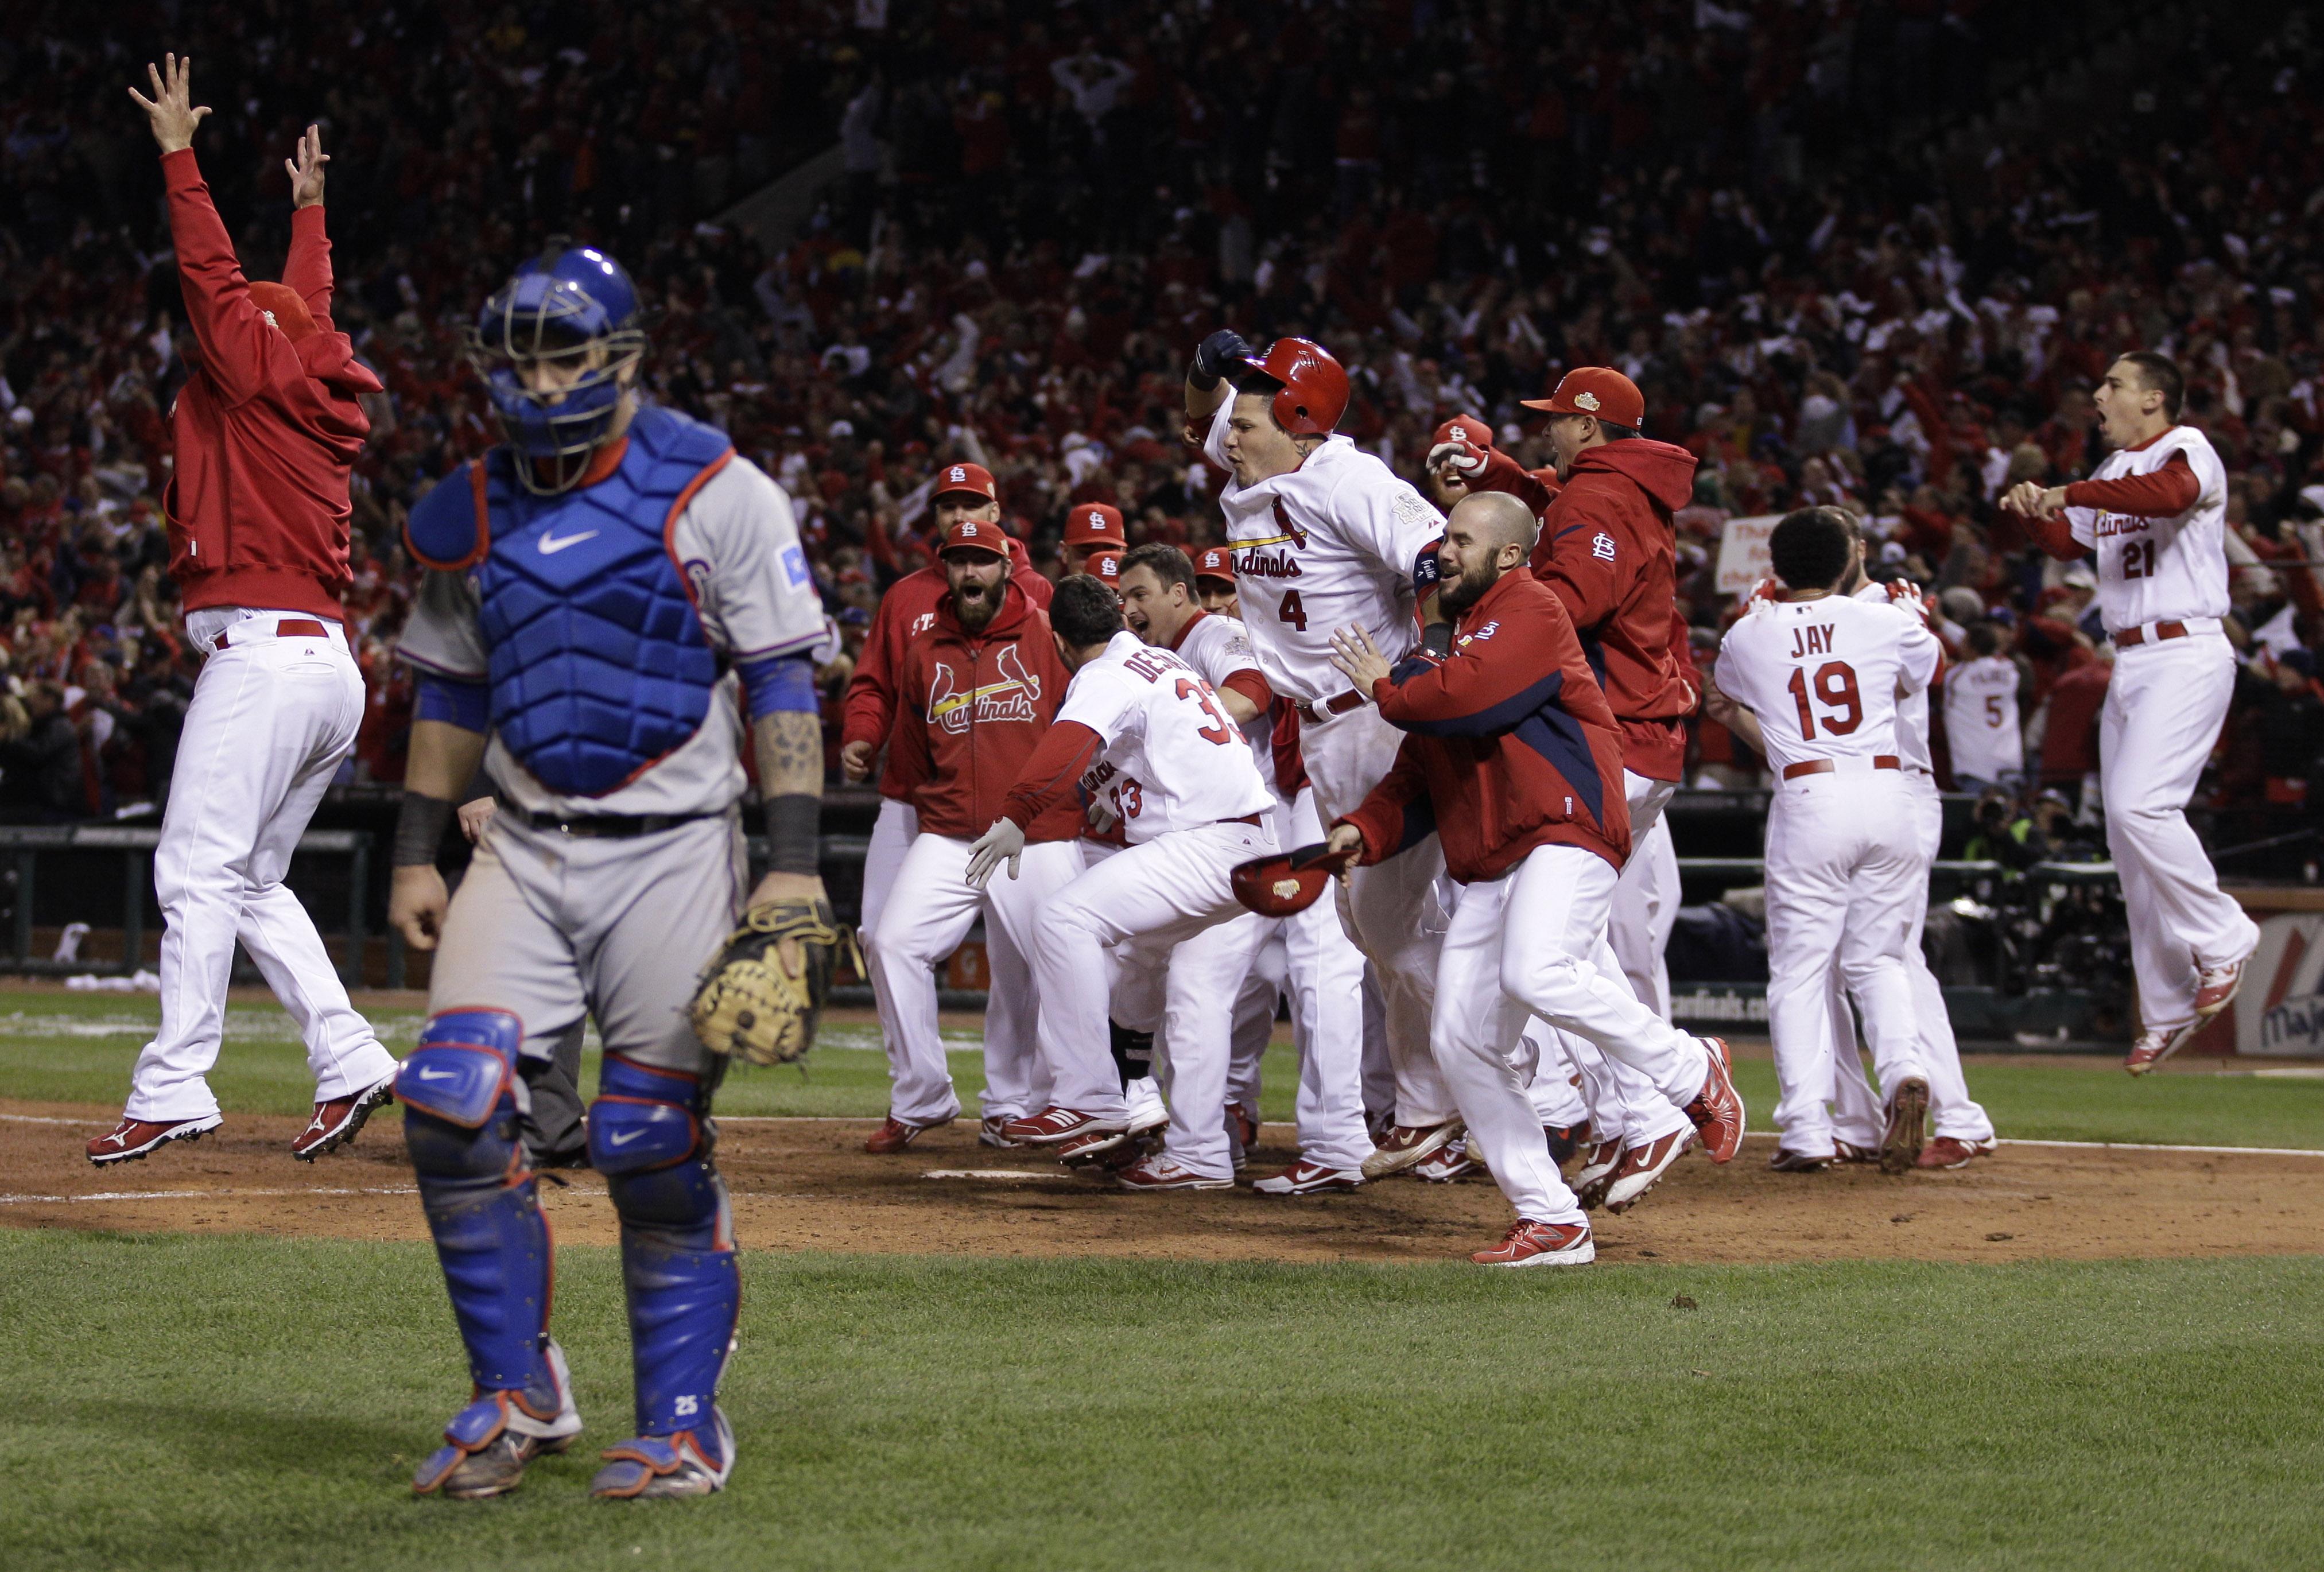 Rangers vs. Cardinals